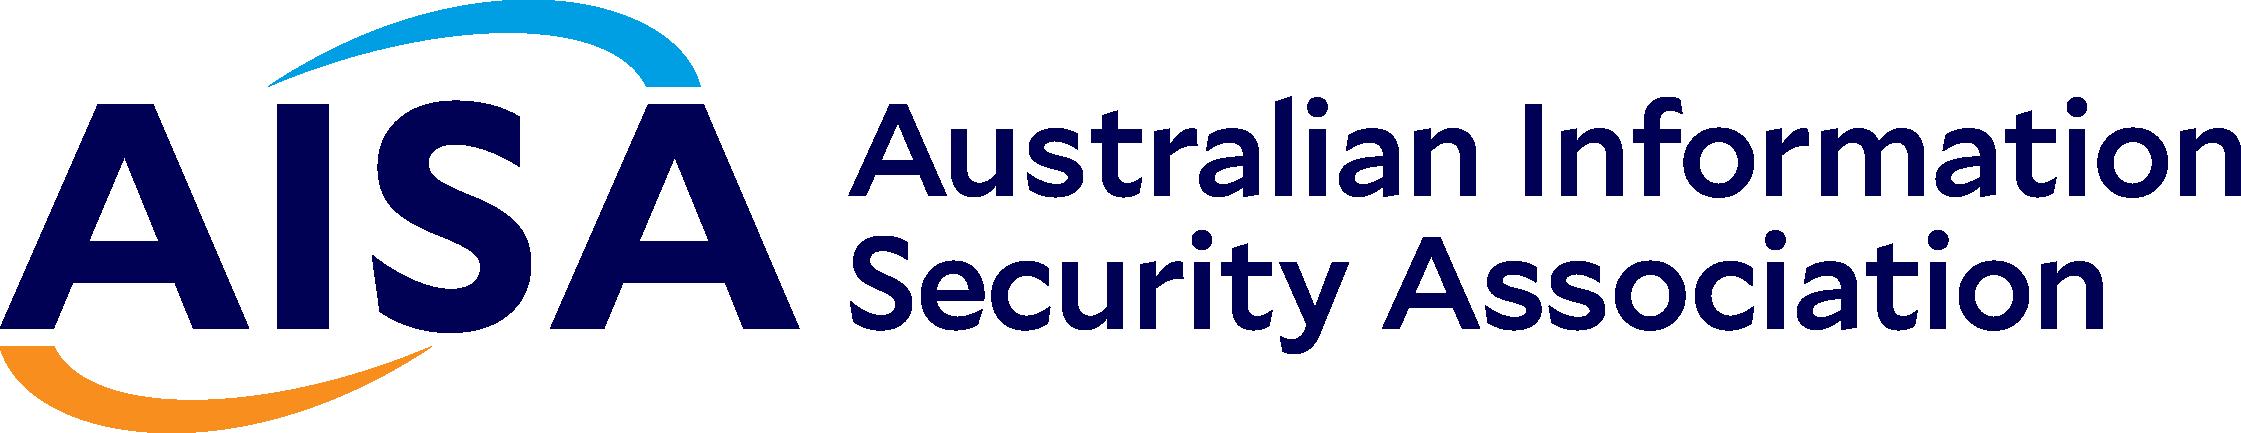 Логотип AISA (Австралийская ассоциация информационной безопасности)